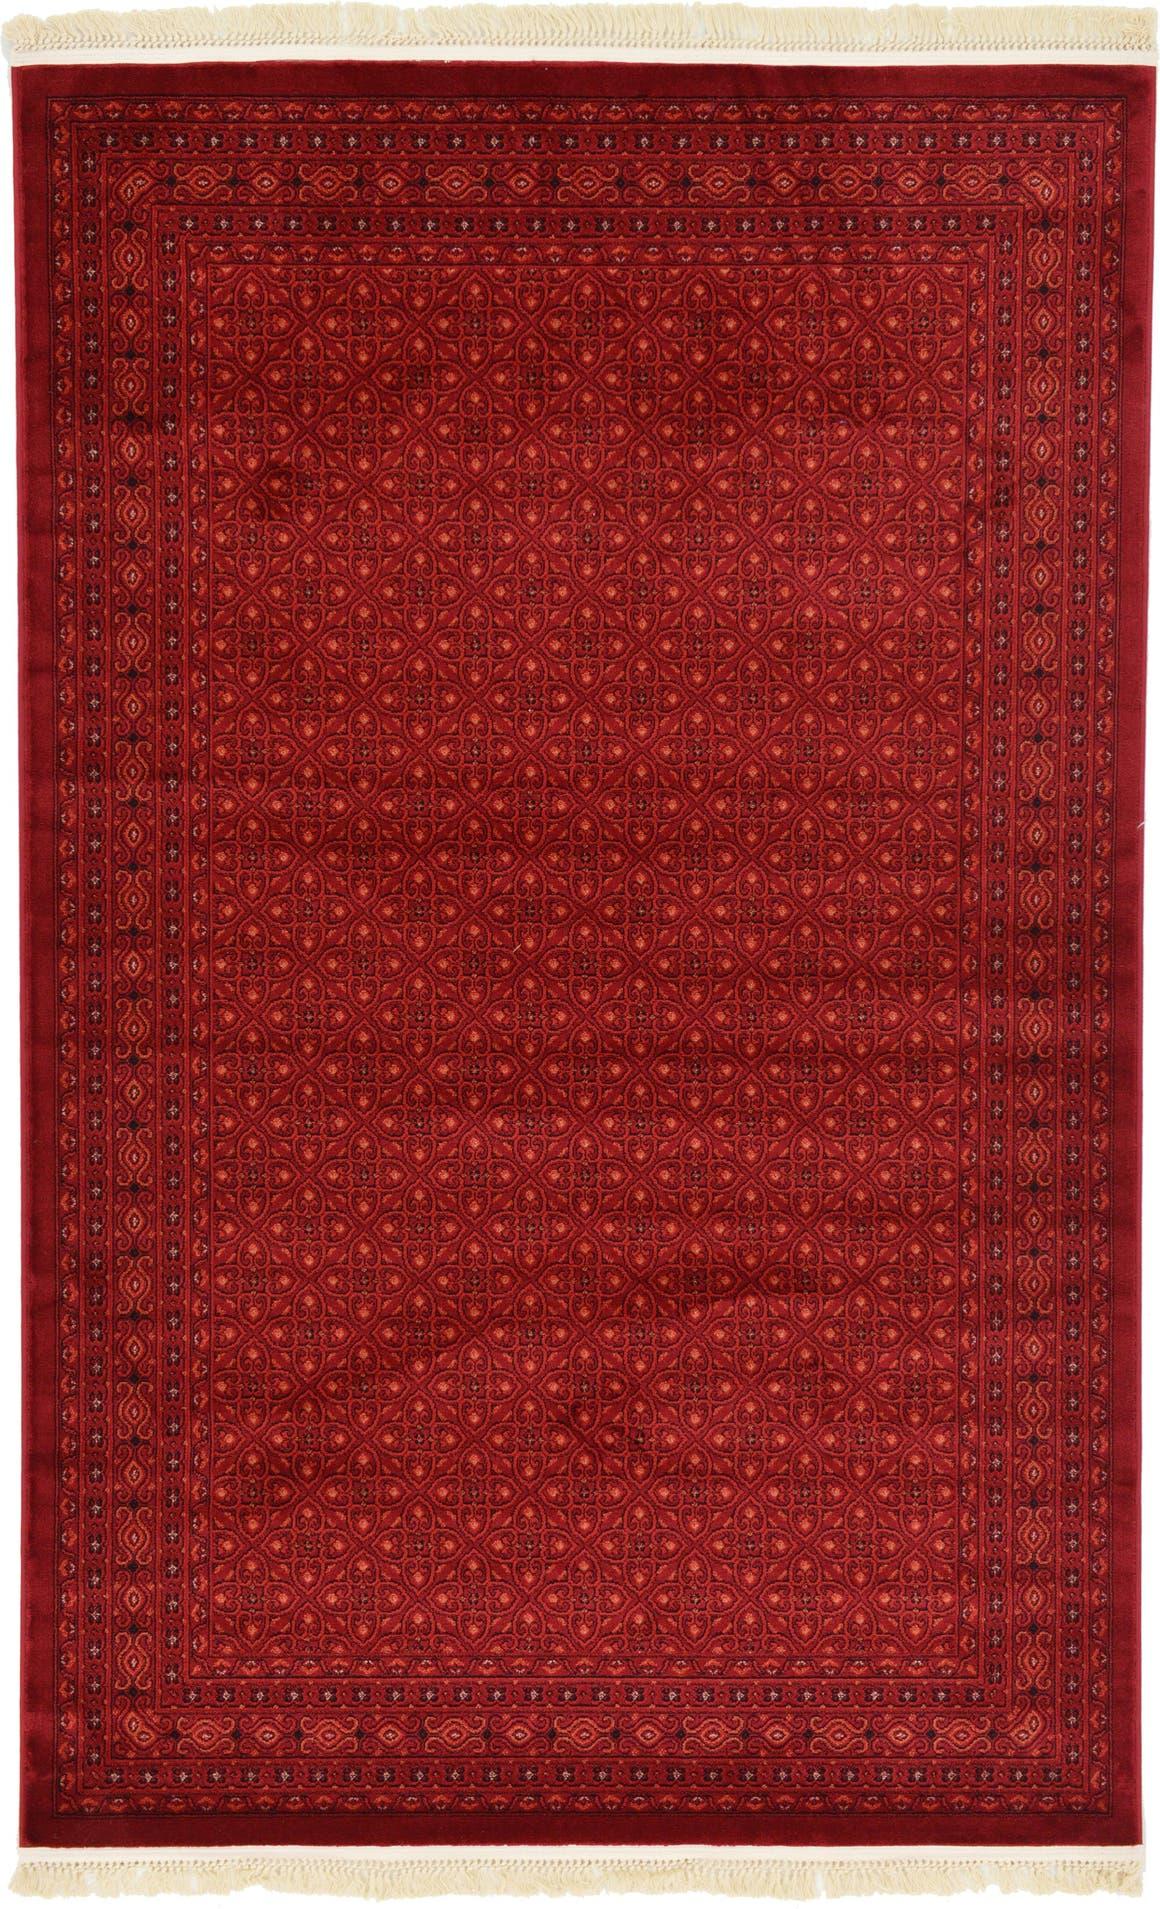 5' x 8' Bokhara Rug main image